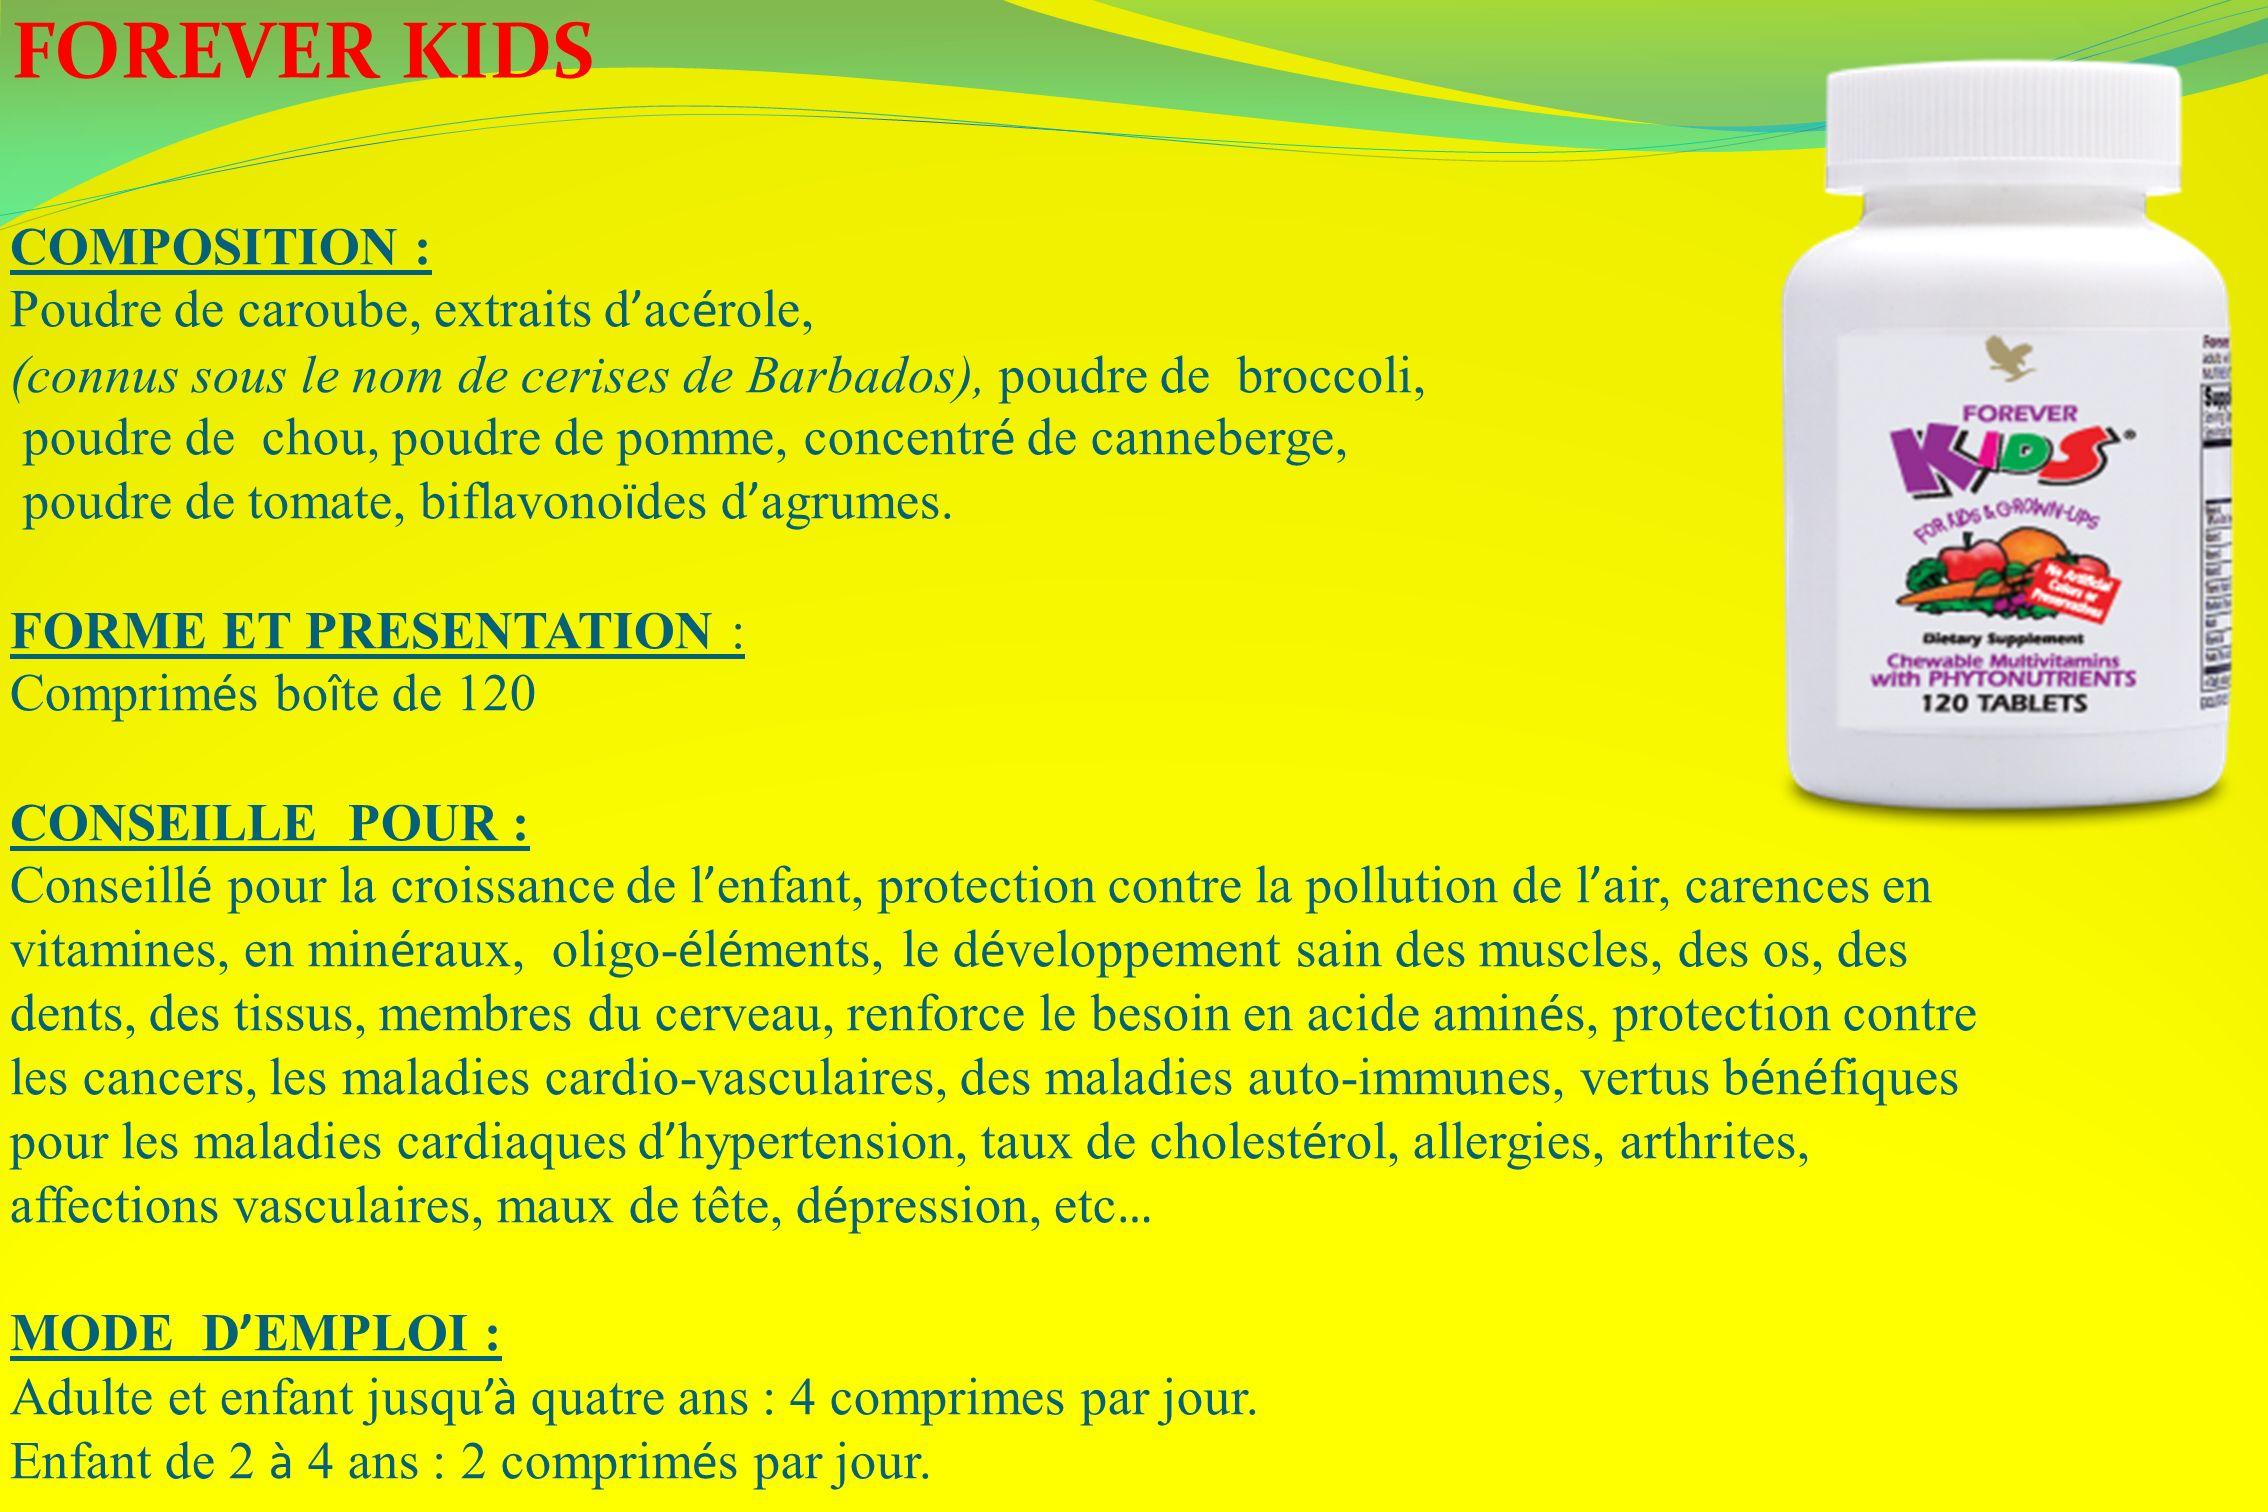 FOREVER KIDS COMPOSITION : Poudre de caroube, extraits d'acérole,